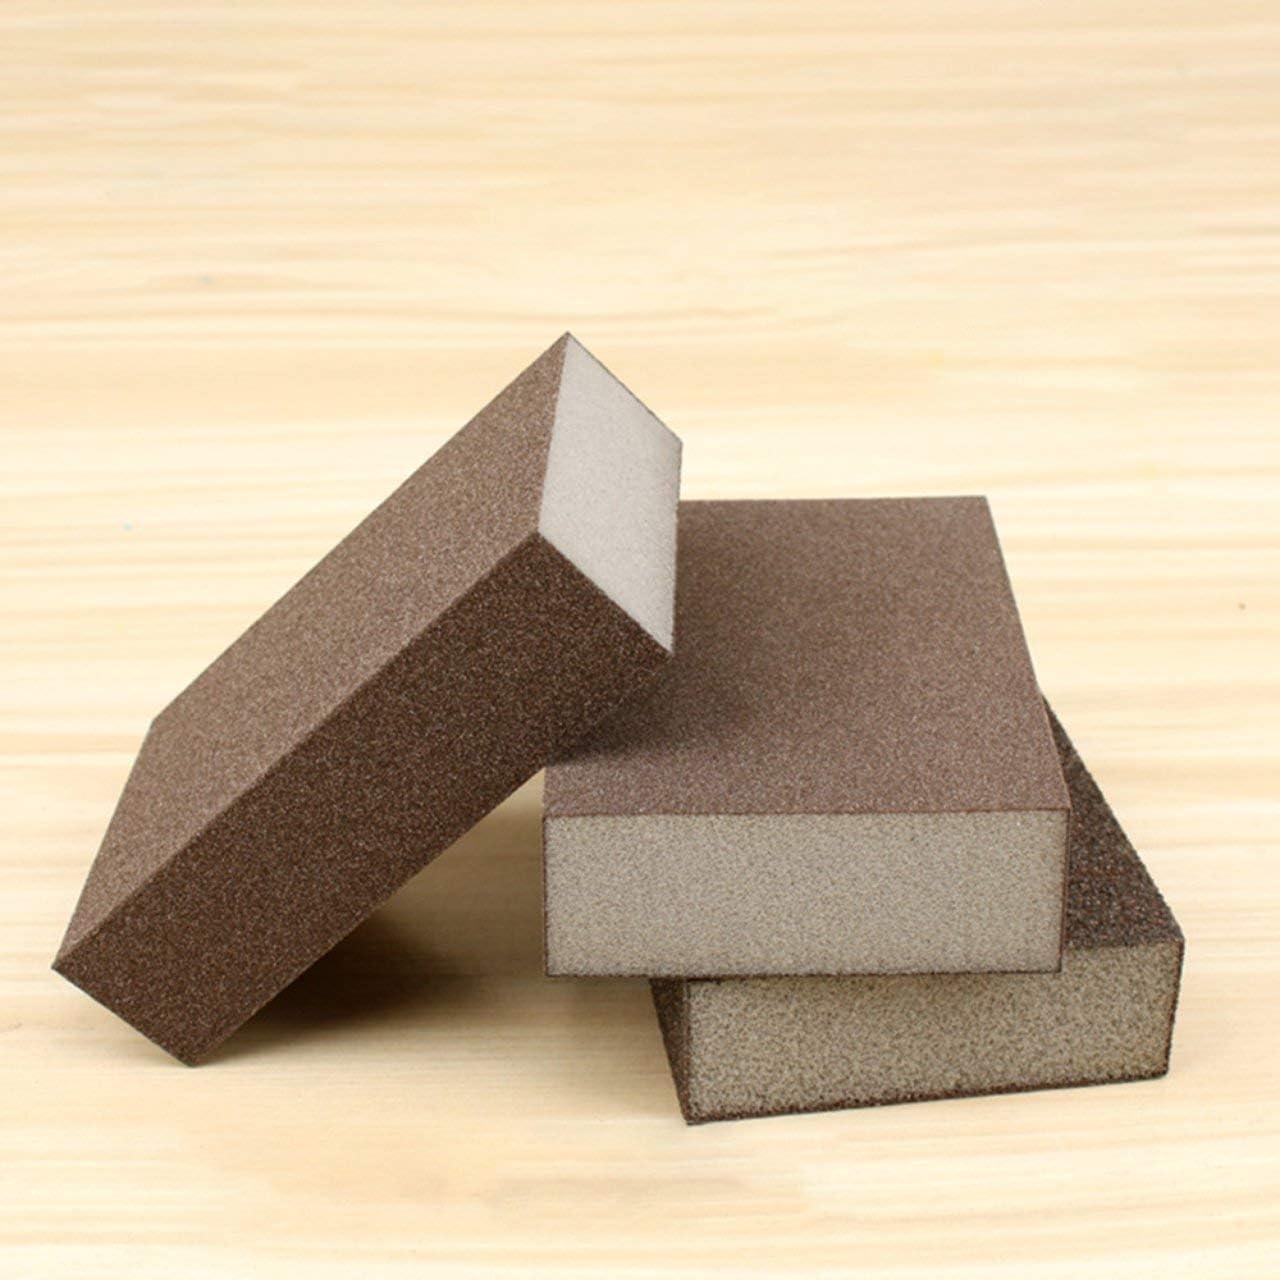 m/étal Assortiment de blocs d/éponges de pon/çage lavable cloisons s/èches id/éal pour le pon/çage et la finition /à la main r/éutilisable brun bois FRjasnyfall fibre de verre